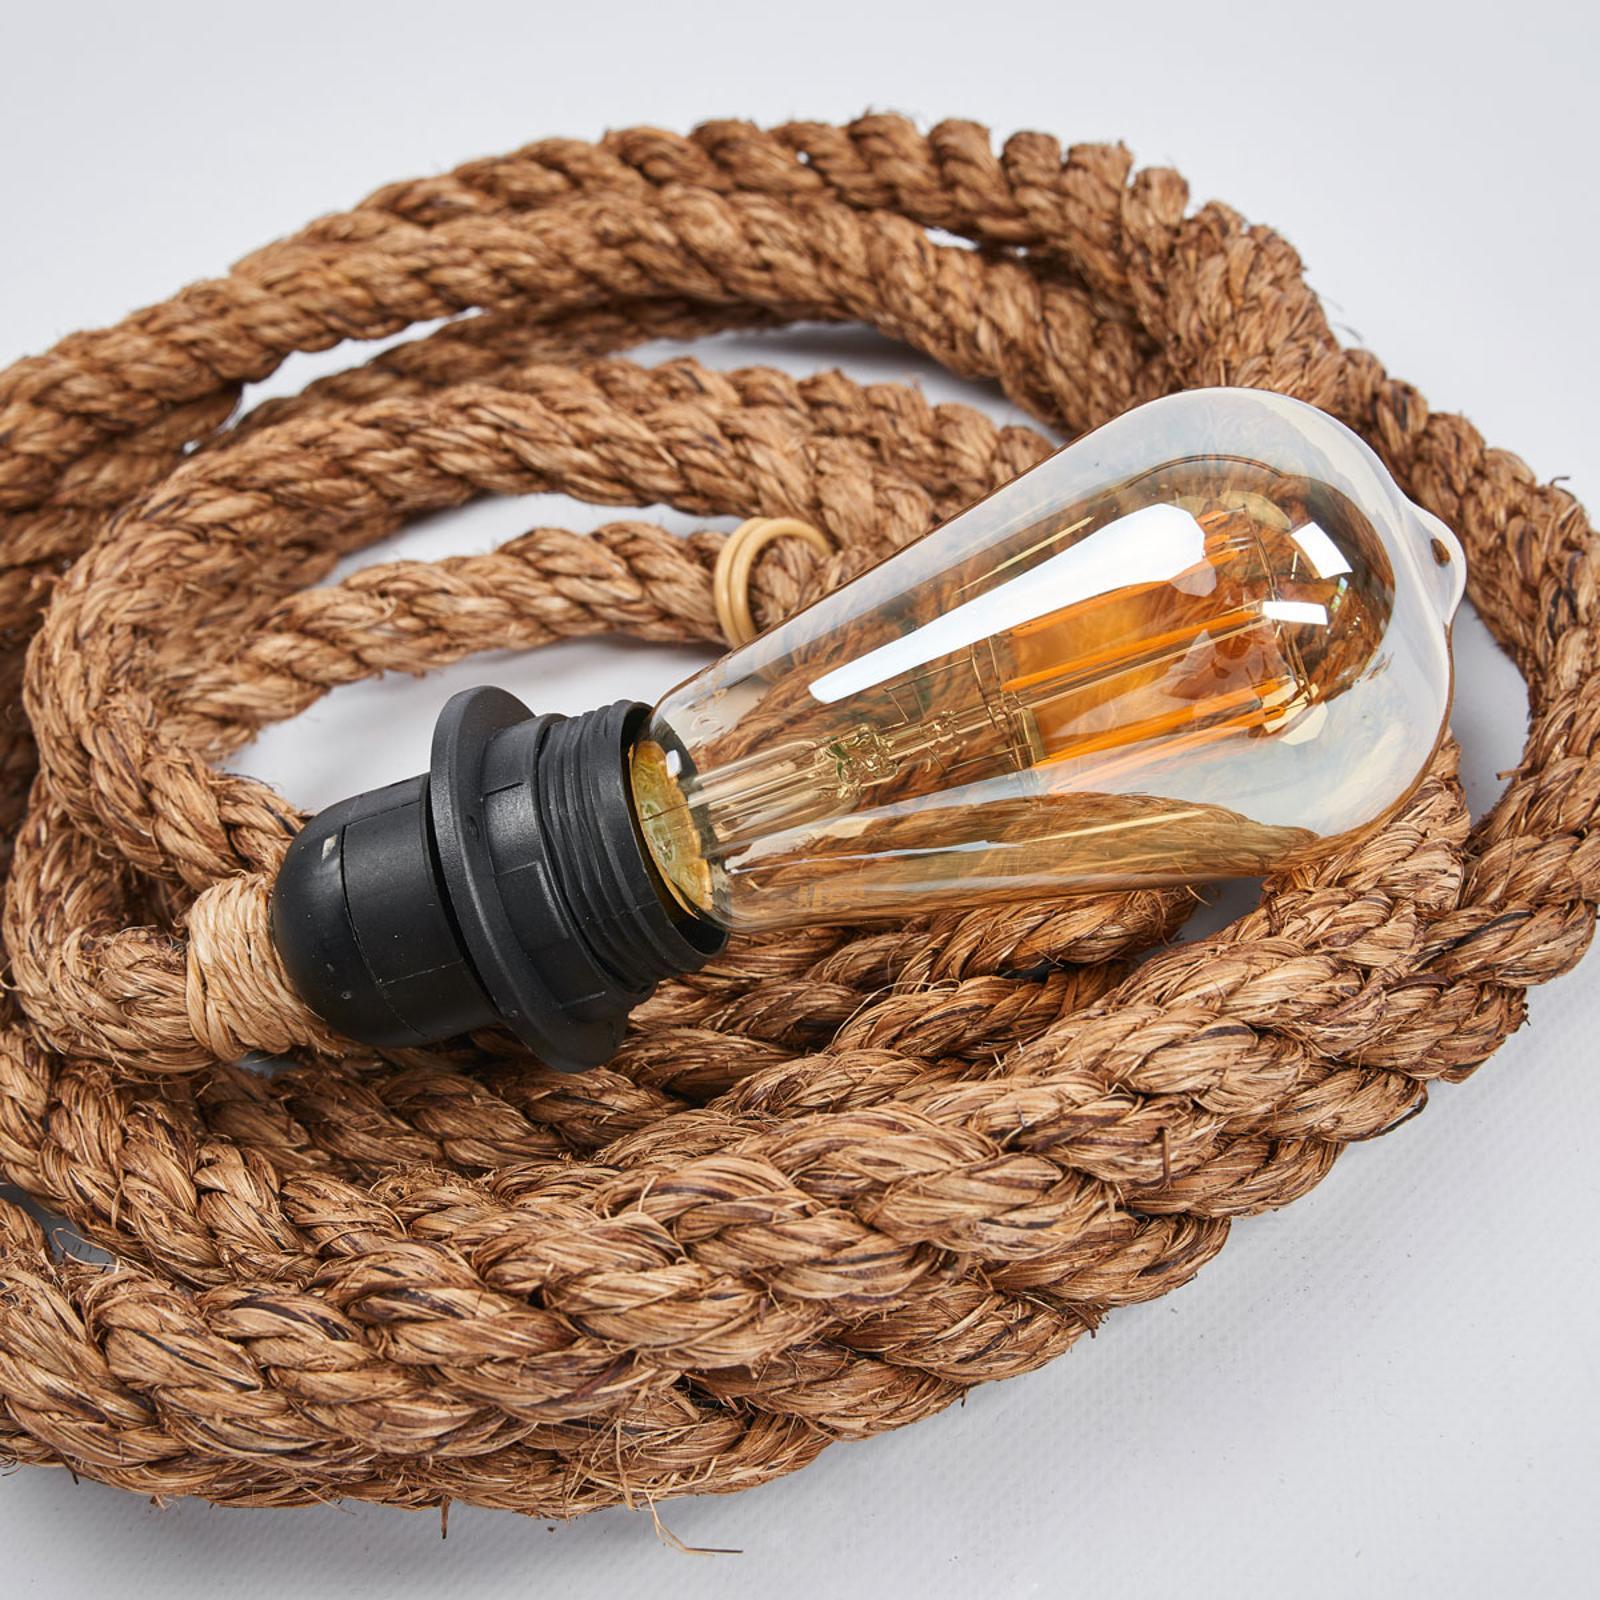 Lampe Mit Seil Und Stecker